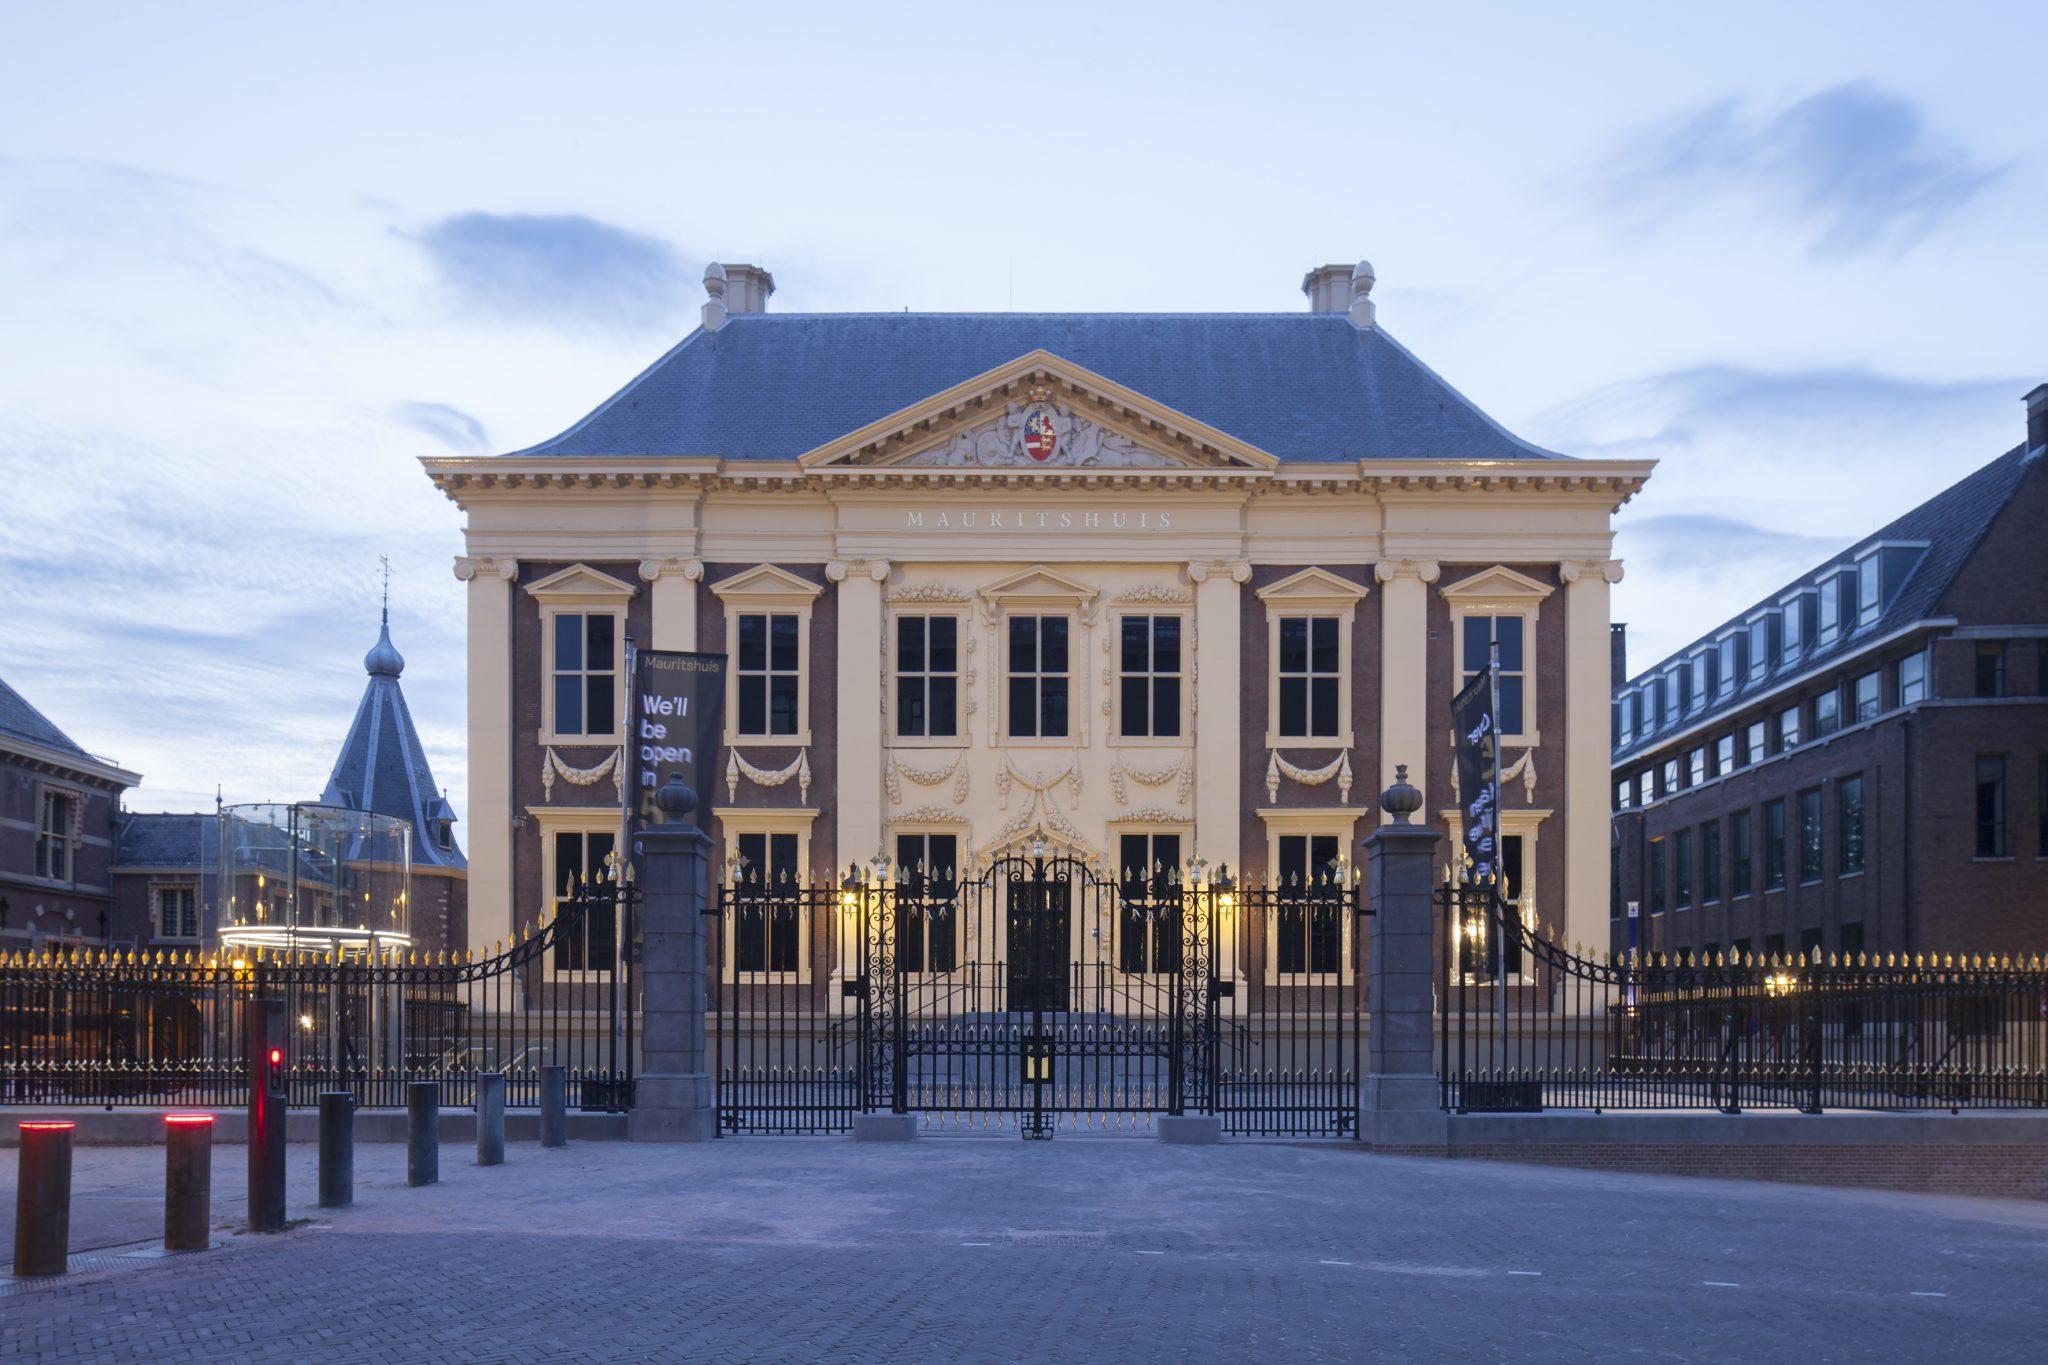 03_Mauritshuis_LuukKramer